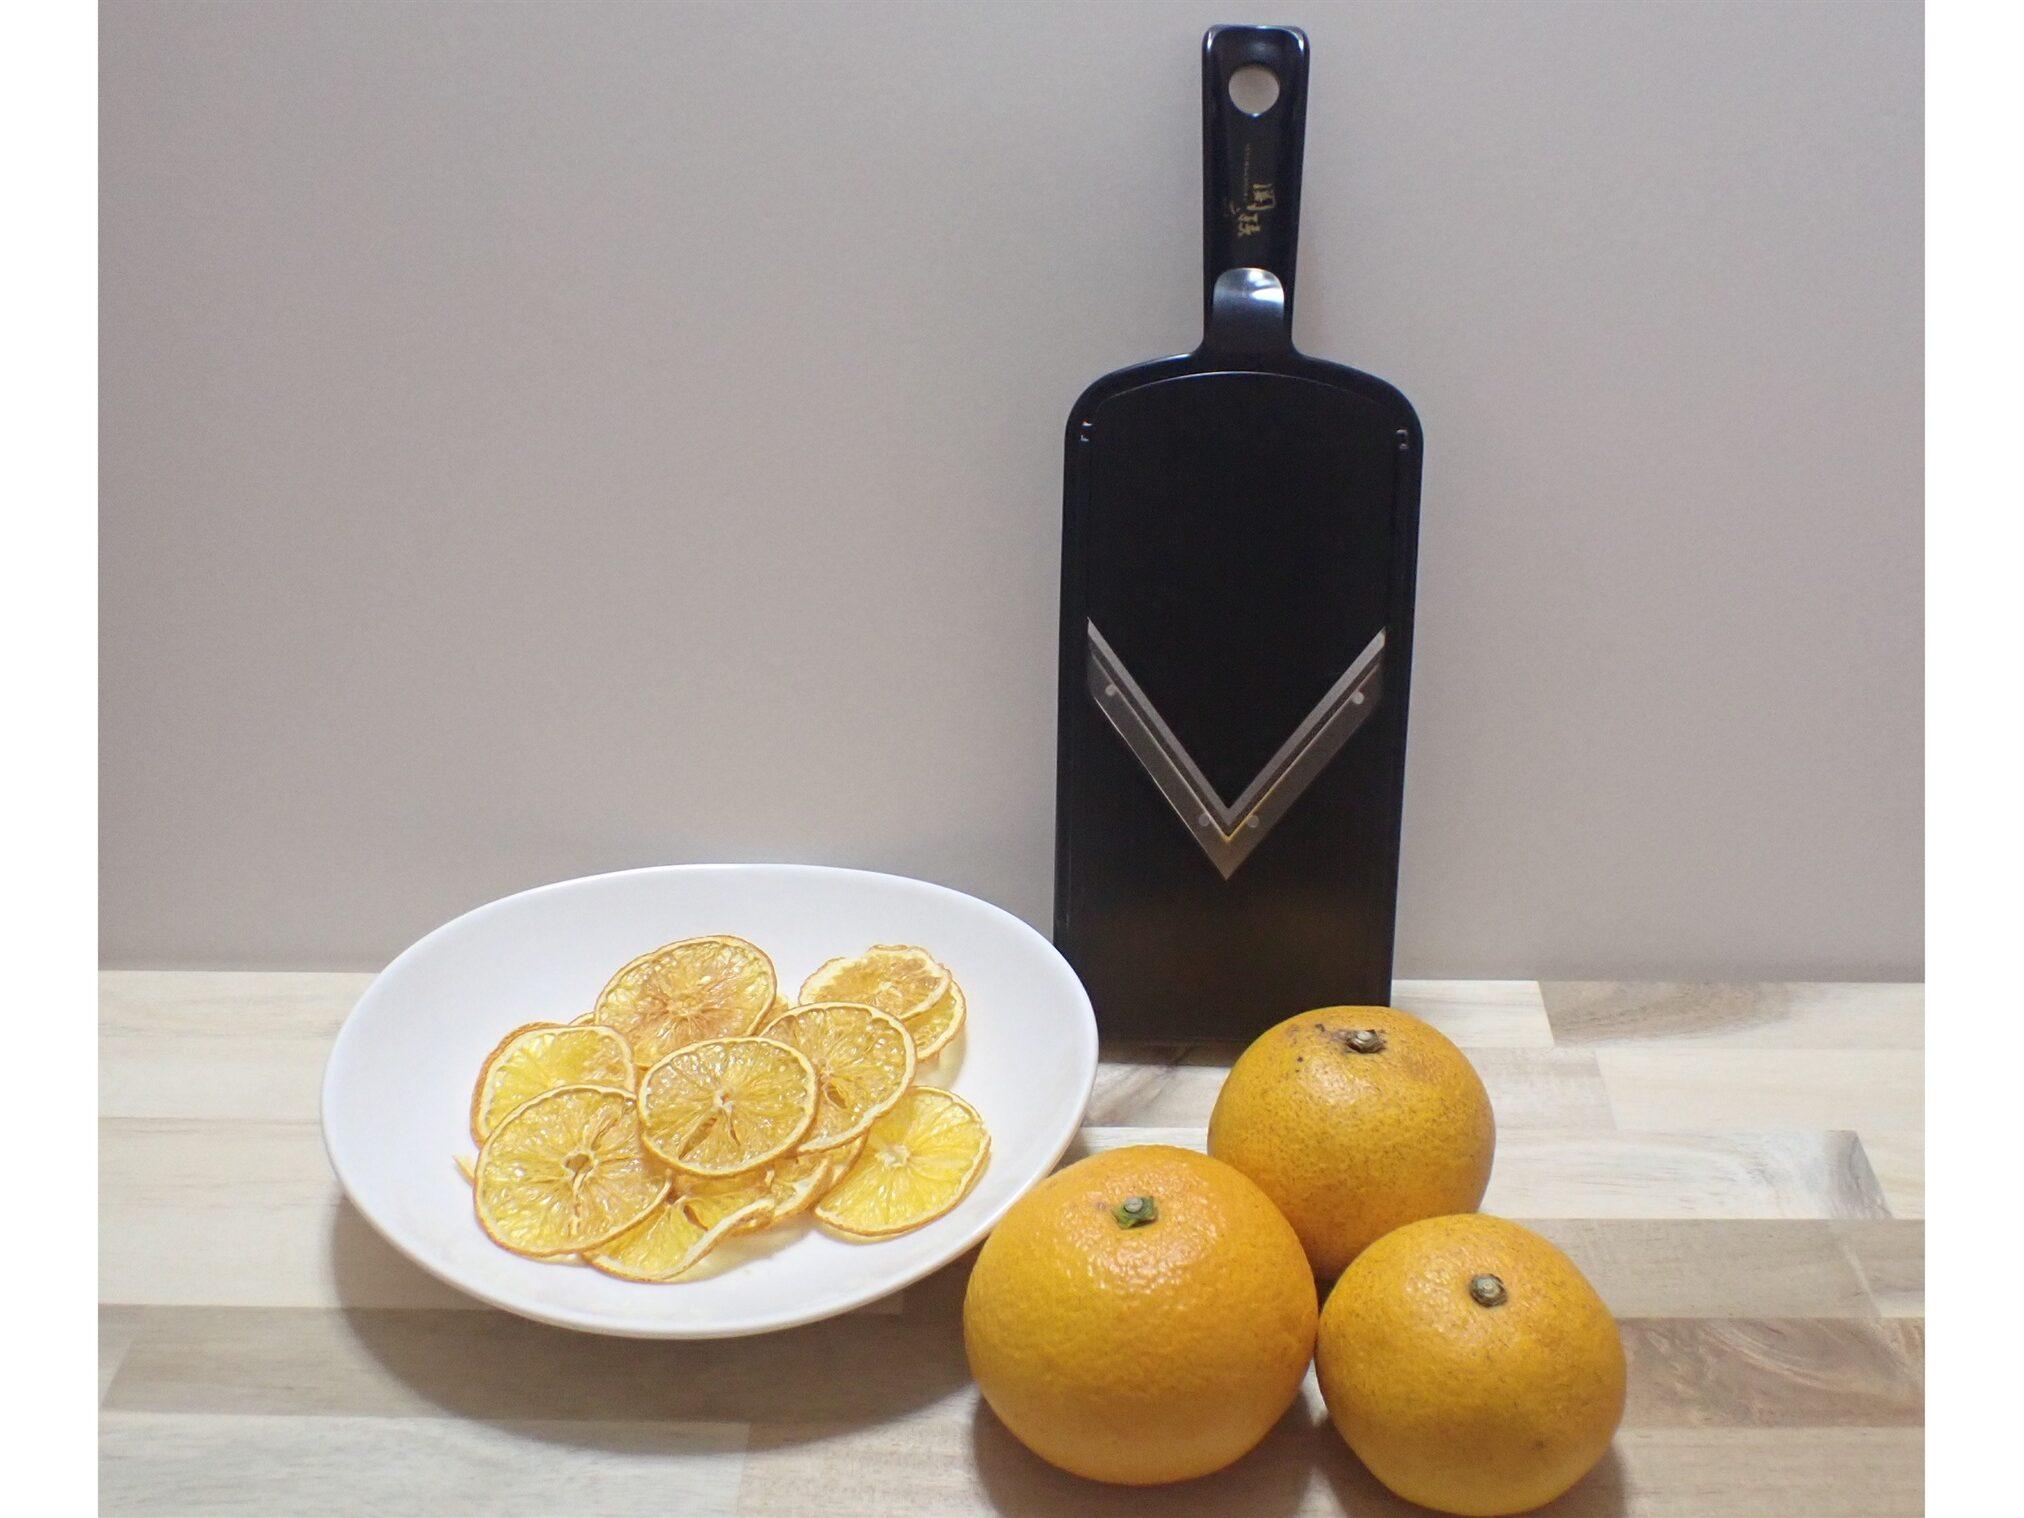 貝印の関孫六 可変式Vスライサー(ガード付き) レギュラーを使ってドライフルーツをむくと作ってみた